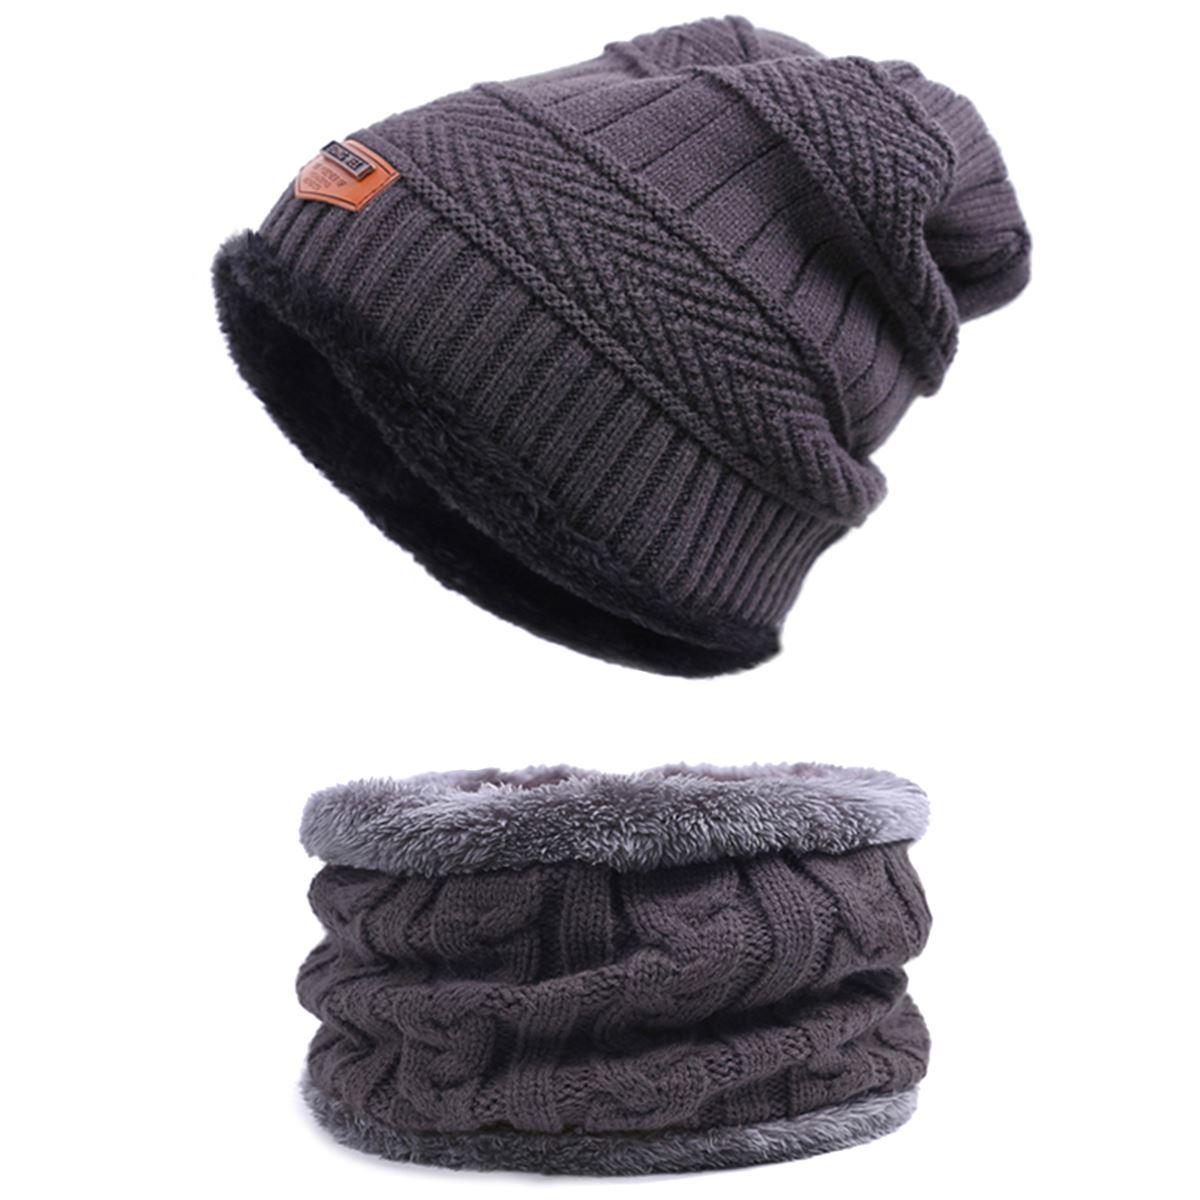 Evrfelan, комплект из двух предметов, зимняя шапка и шарф для мужчин, зимние шапочки, шарфы, мужские зимние комплекты, толстый хлопок, теплые зимние аксессуары - Цвет: C